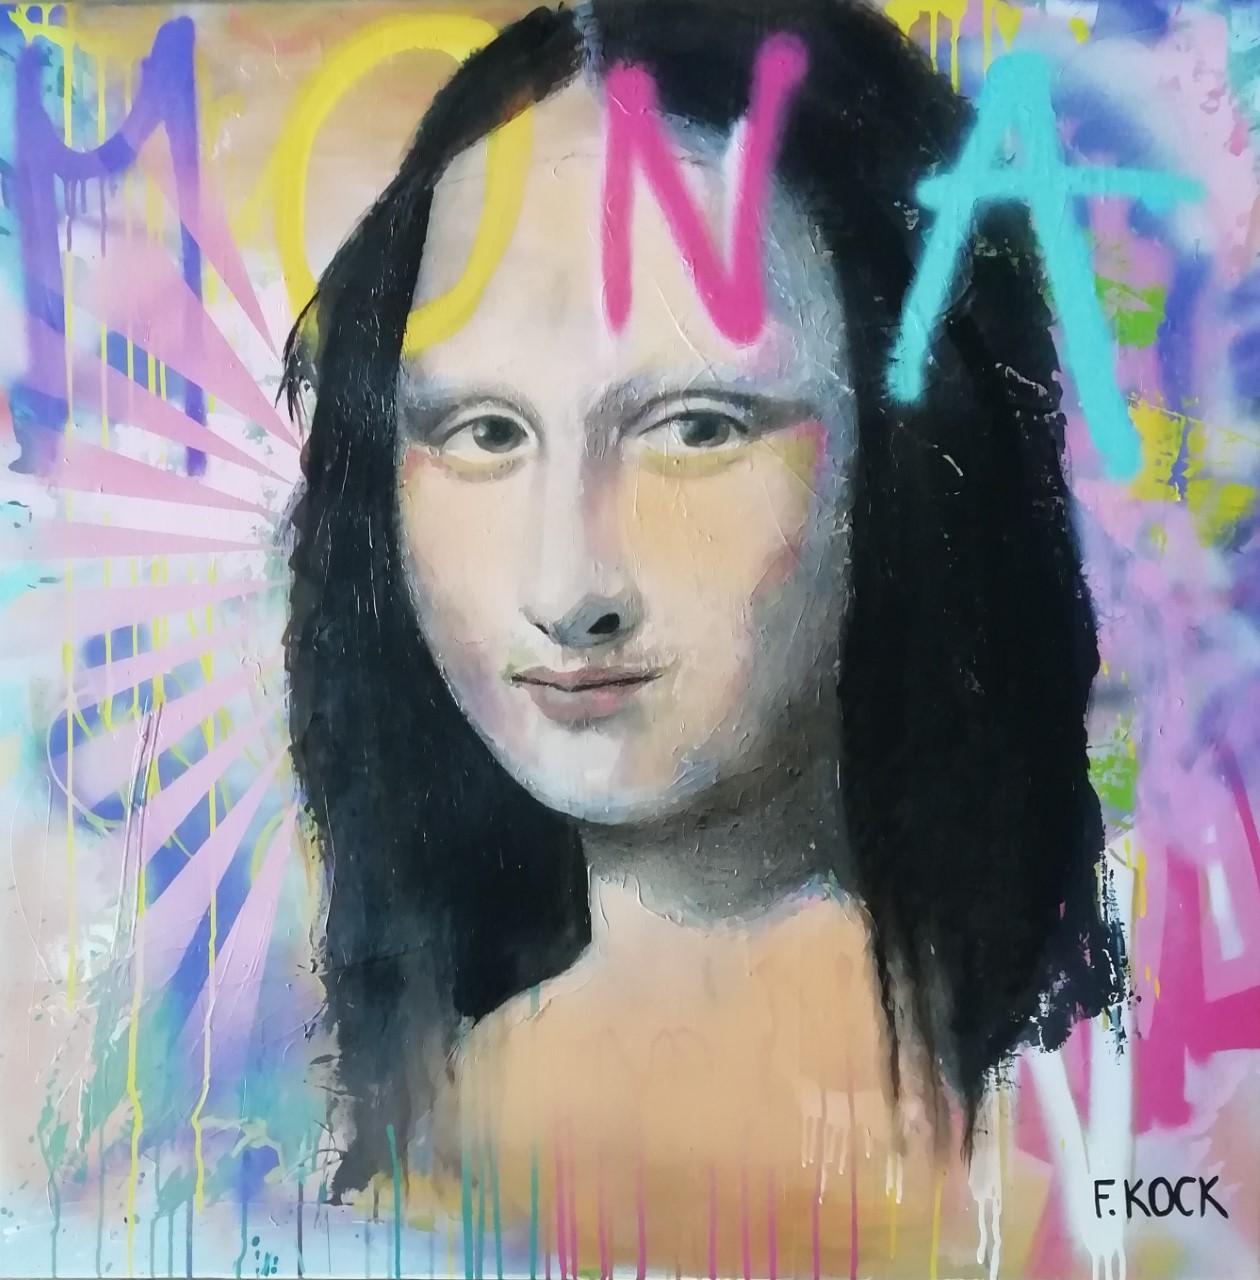 Femke Kock- Mona Lisa naar Leonardo da Vinci